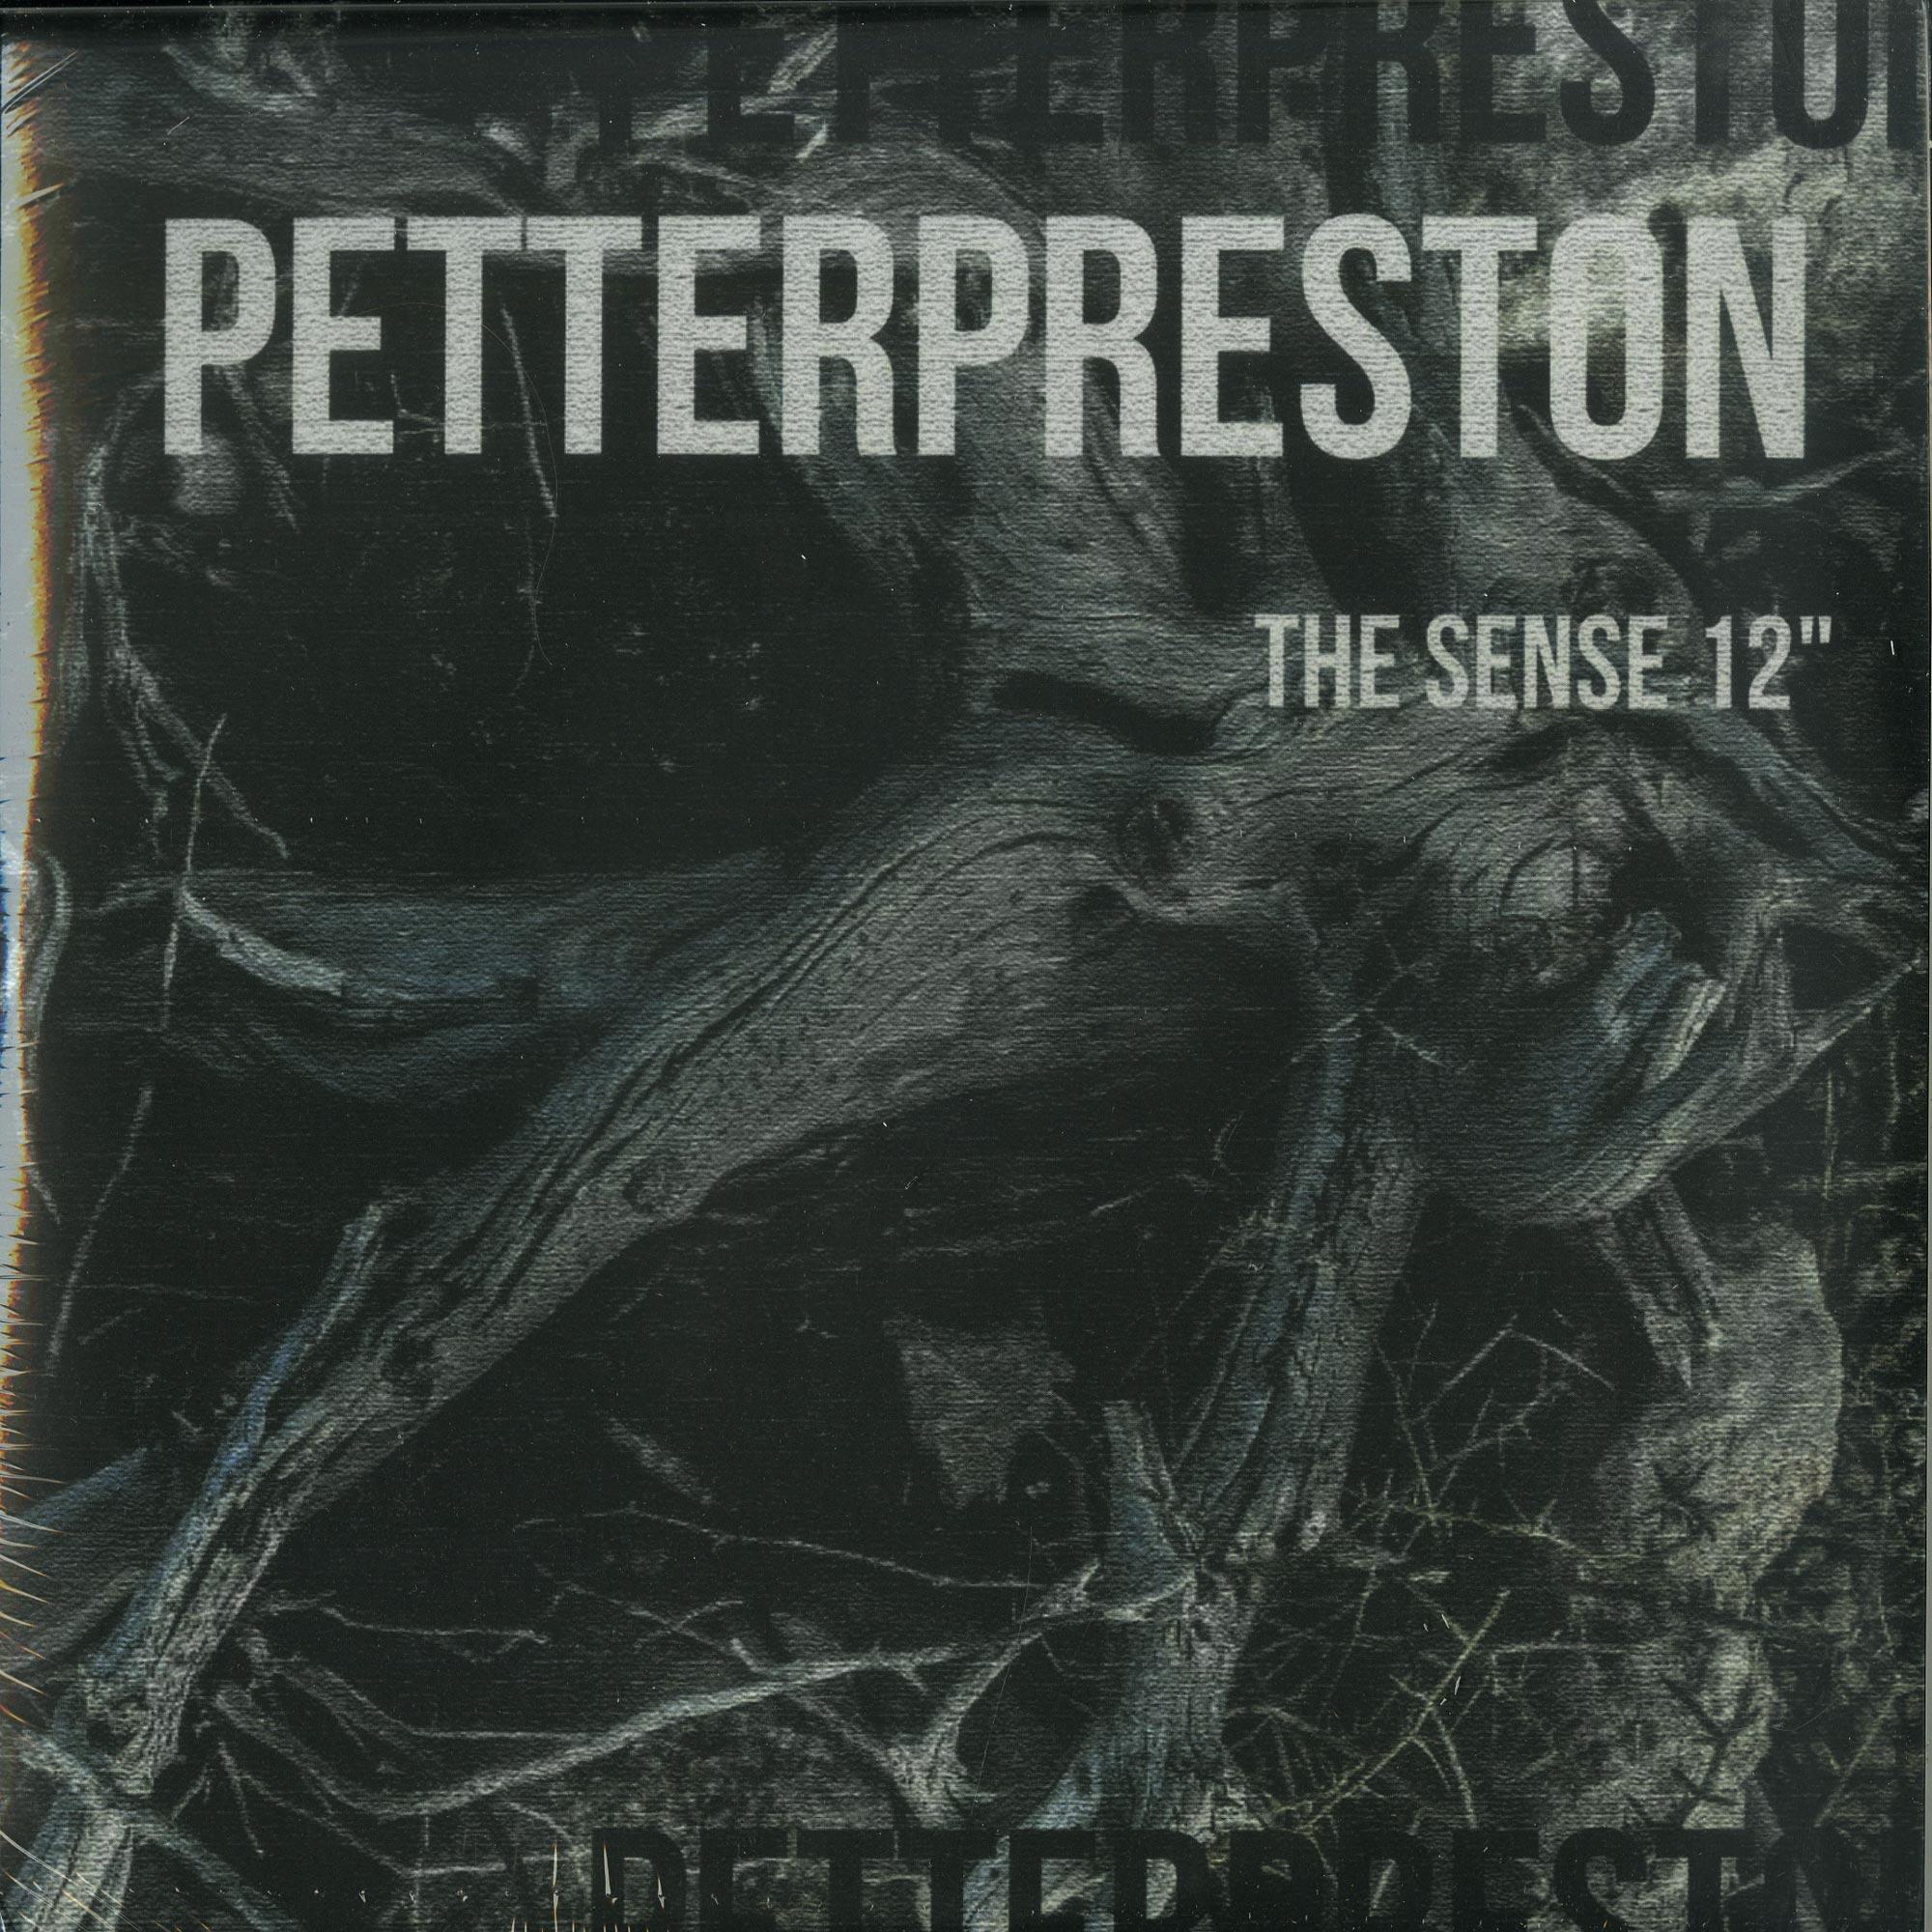 Petter Preston - THE SENSE